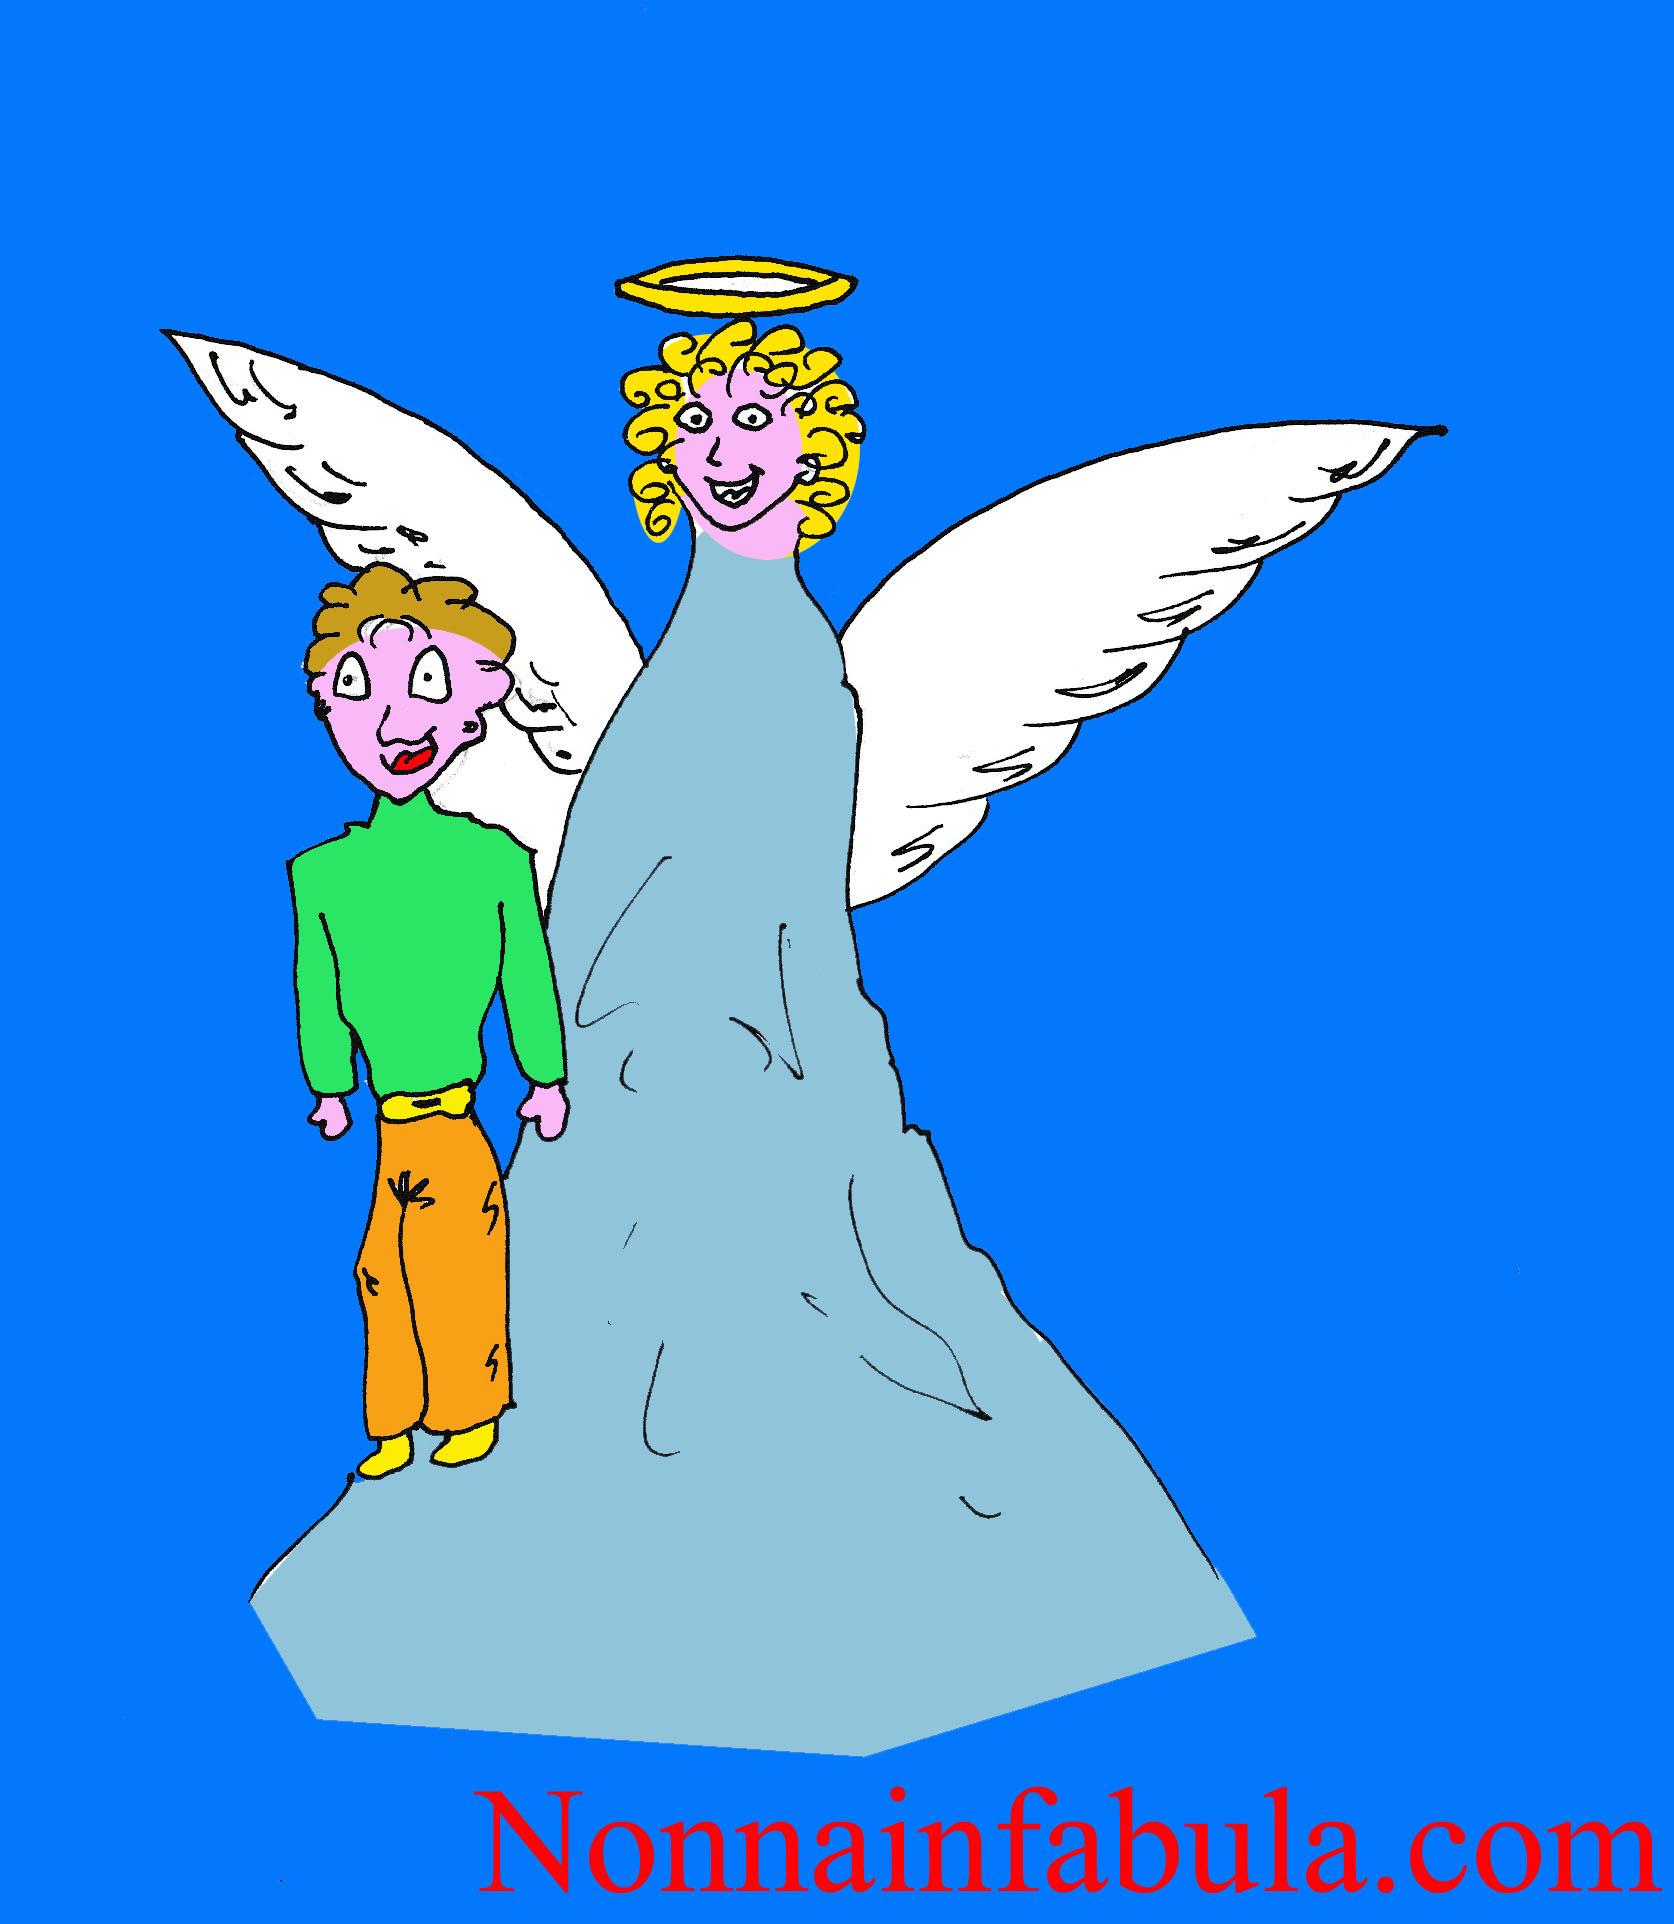 Poesie Di Natale Sugli Angeli Per Bambini.La Storia Degli Angeli Custodi Nonna In Fabula